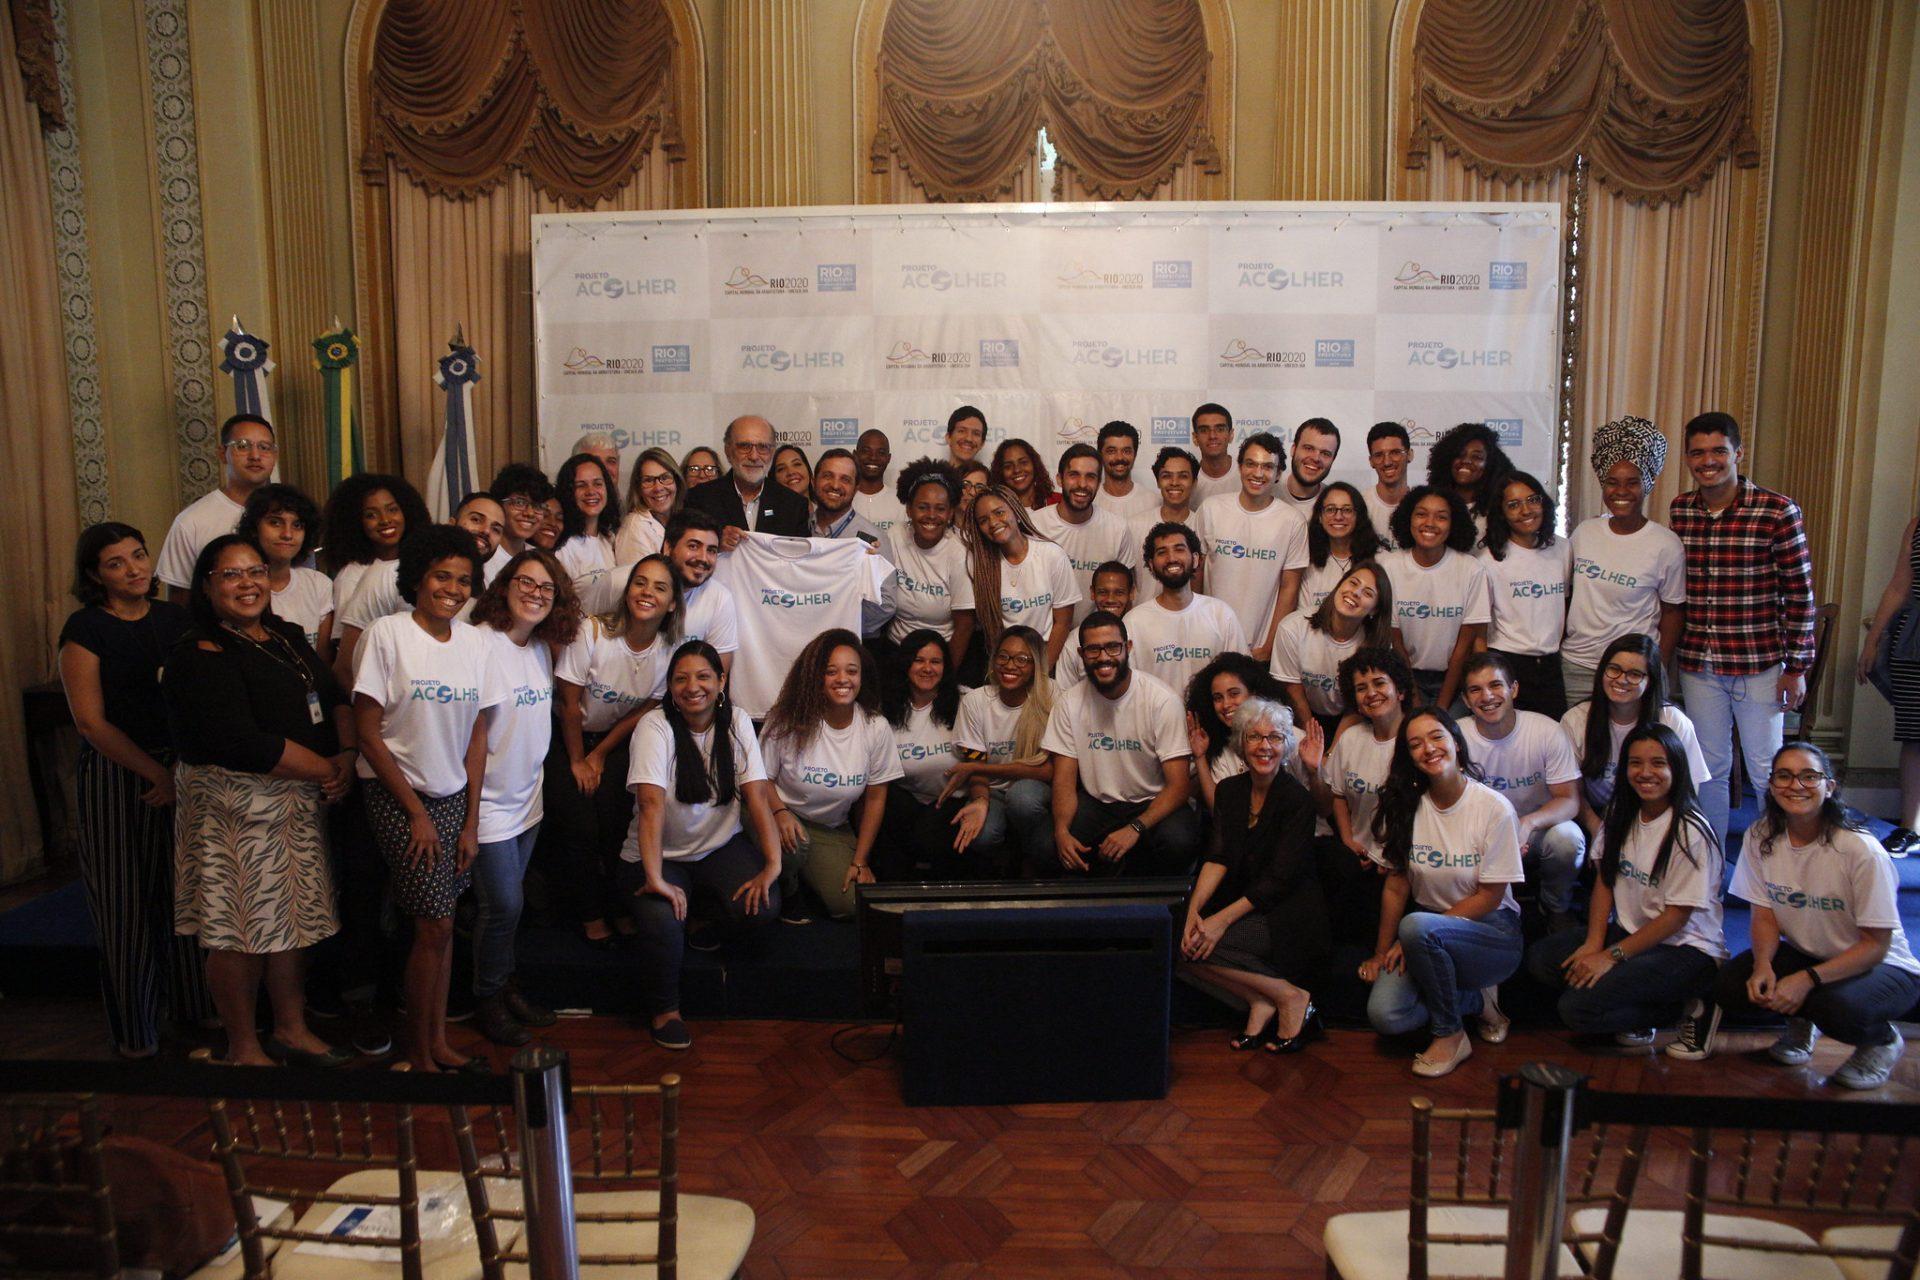 Universitários ingressaram no Projeto Acolher, da Secretaria Municipal de Saúde. Fotos: Rhavinne Vaz/ Prefeitura do Rio